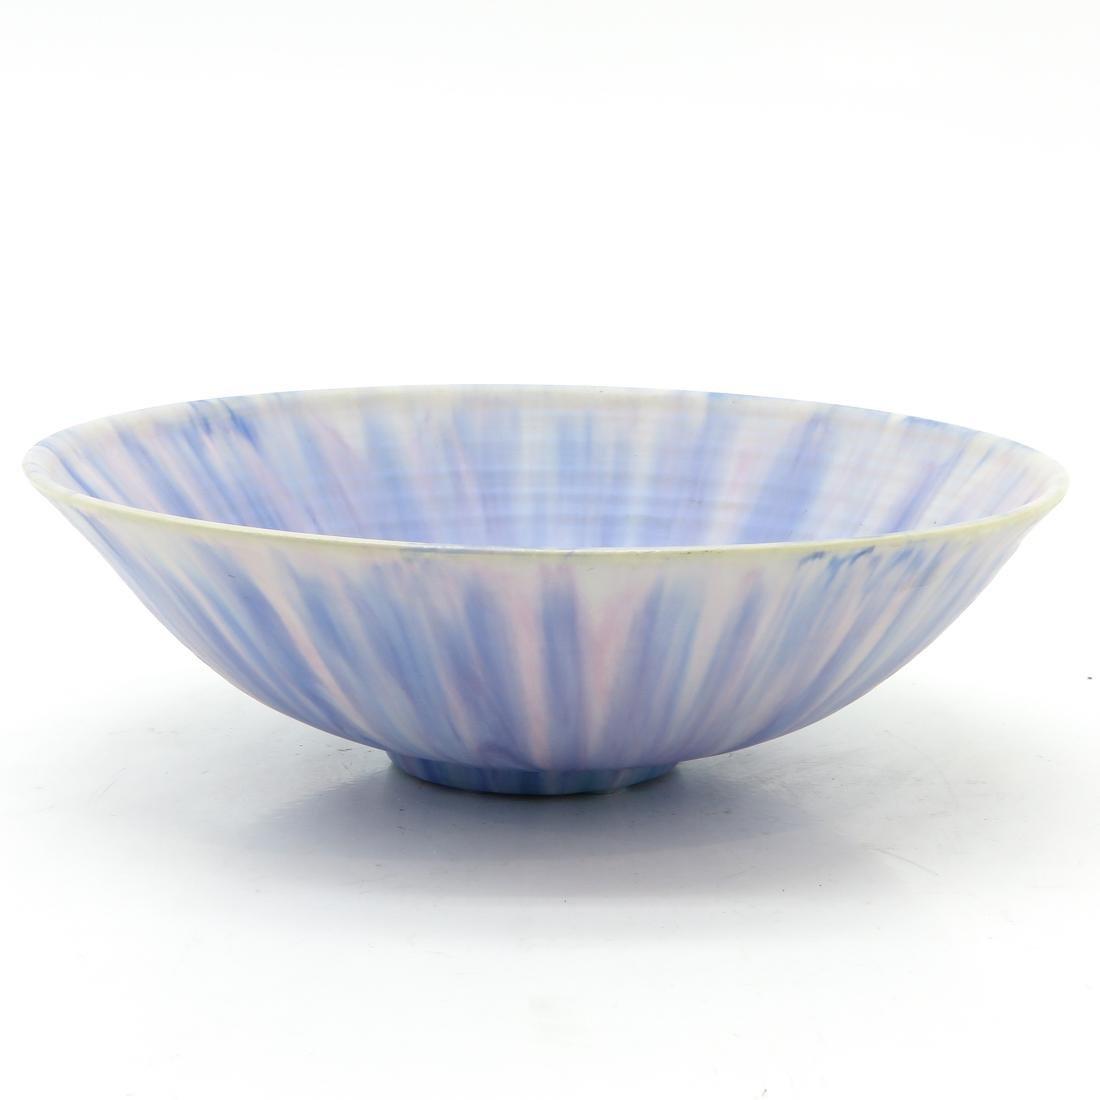 Tessa Braat Bowl - 3